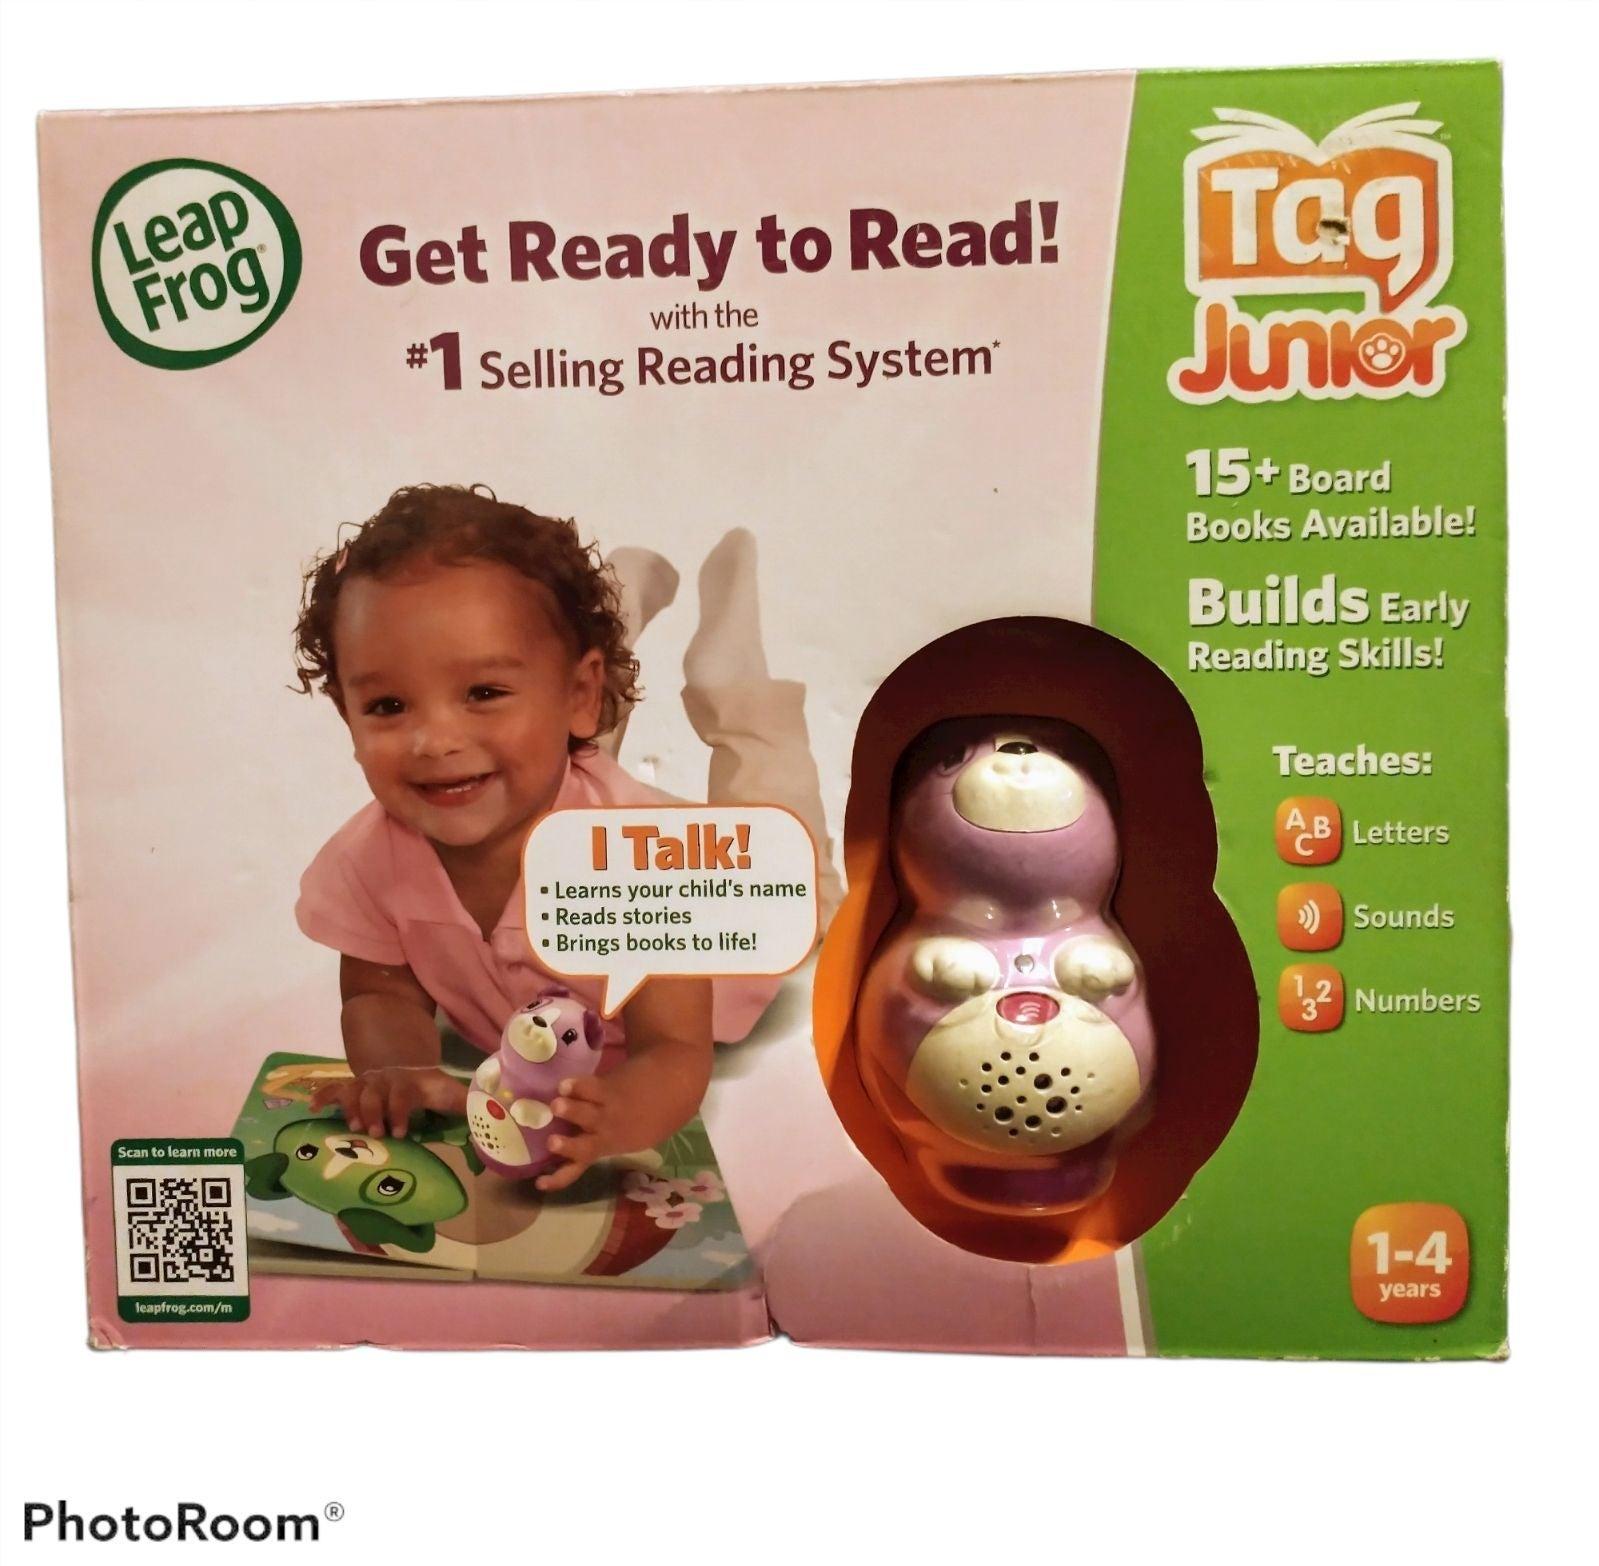 LeapFrog Tag Junior Reading System